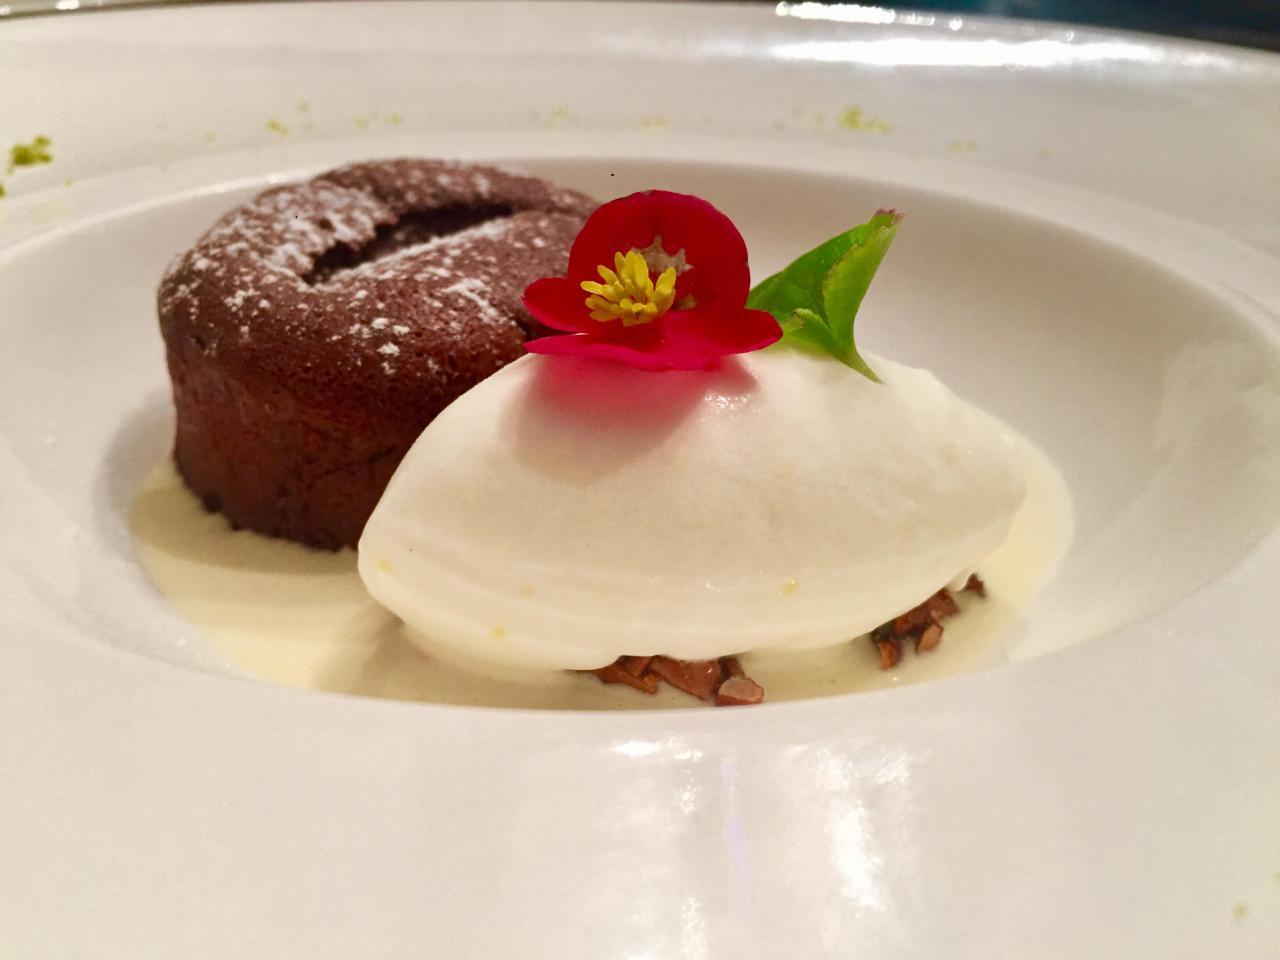 Volcan au chocolat avec son sorbet au citron